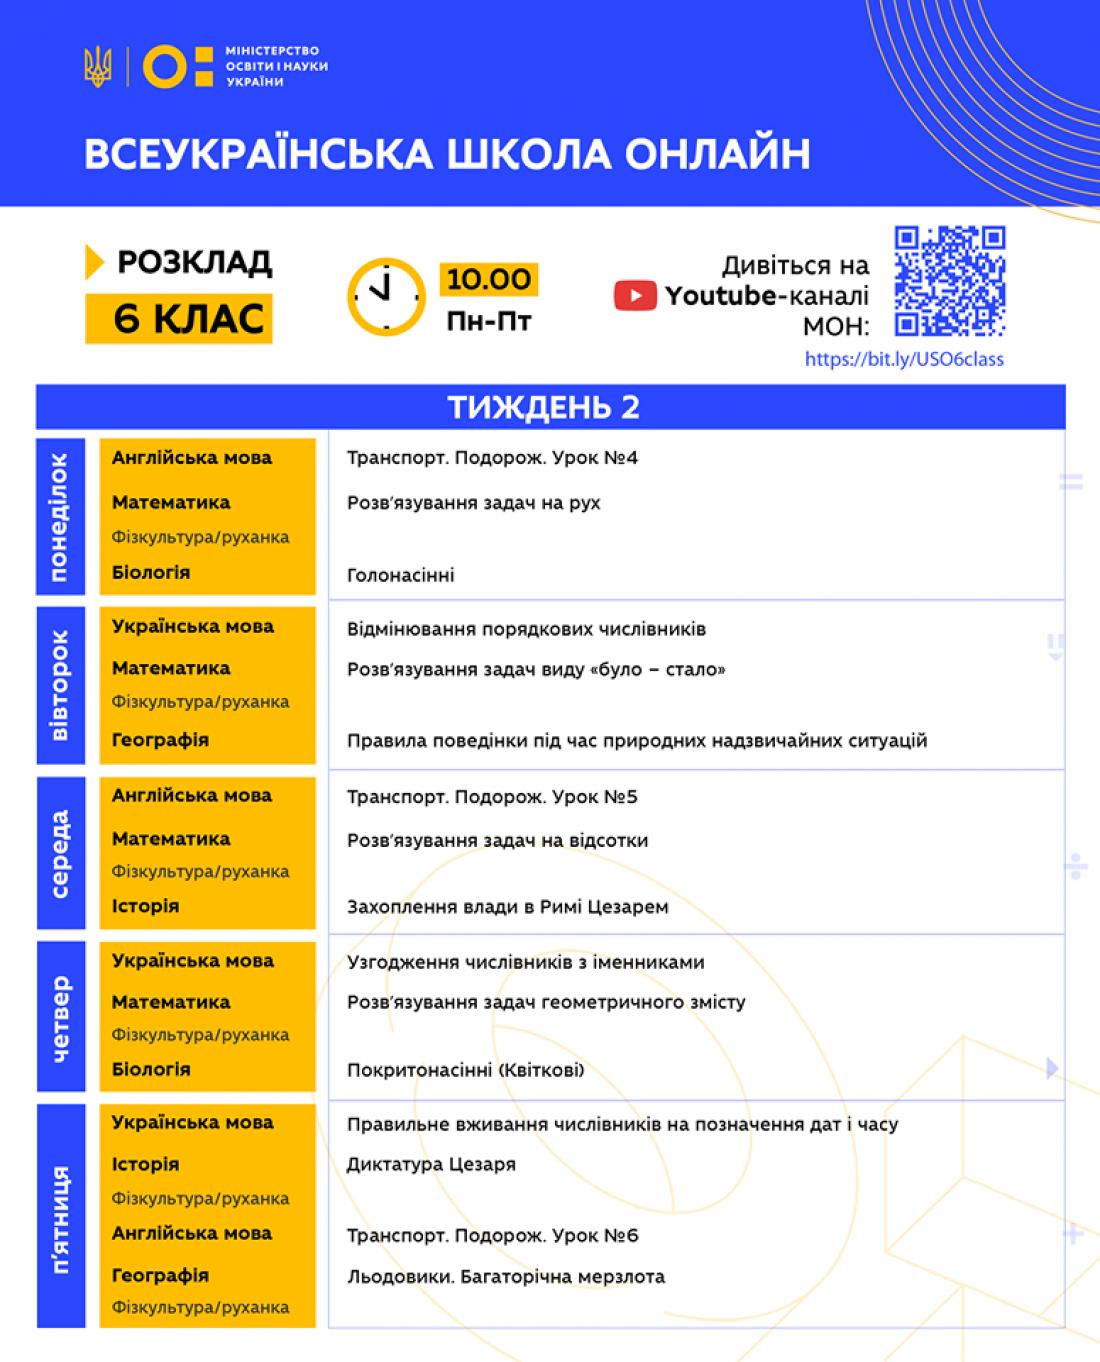 Всеукраинская школа онлайн: Расписание для 6 класса